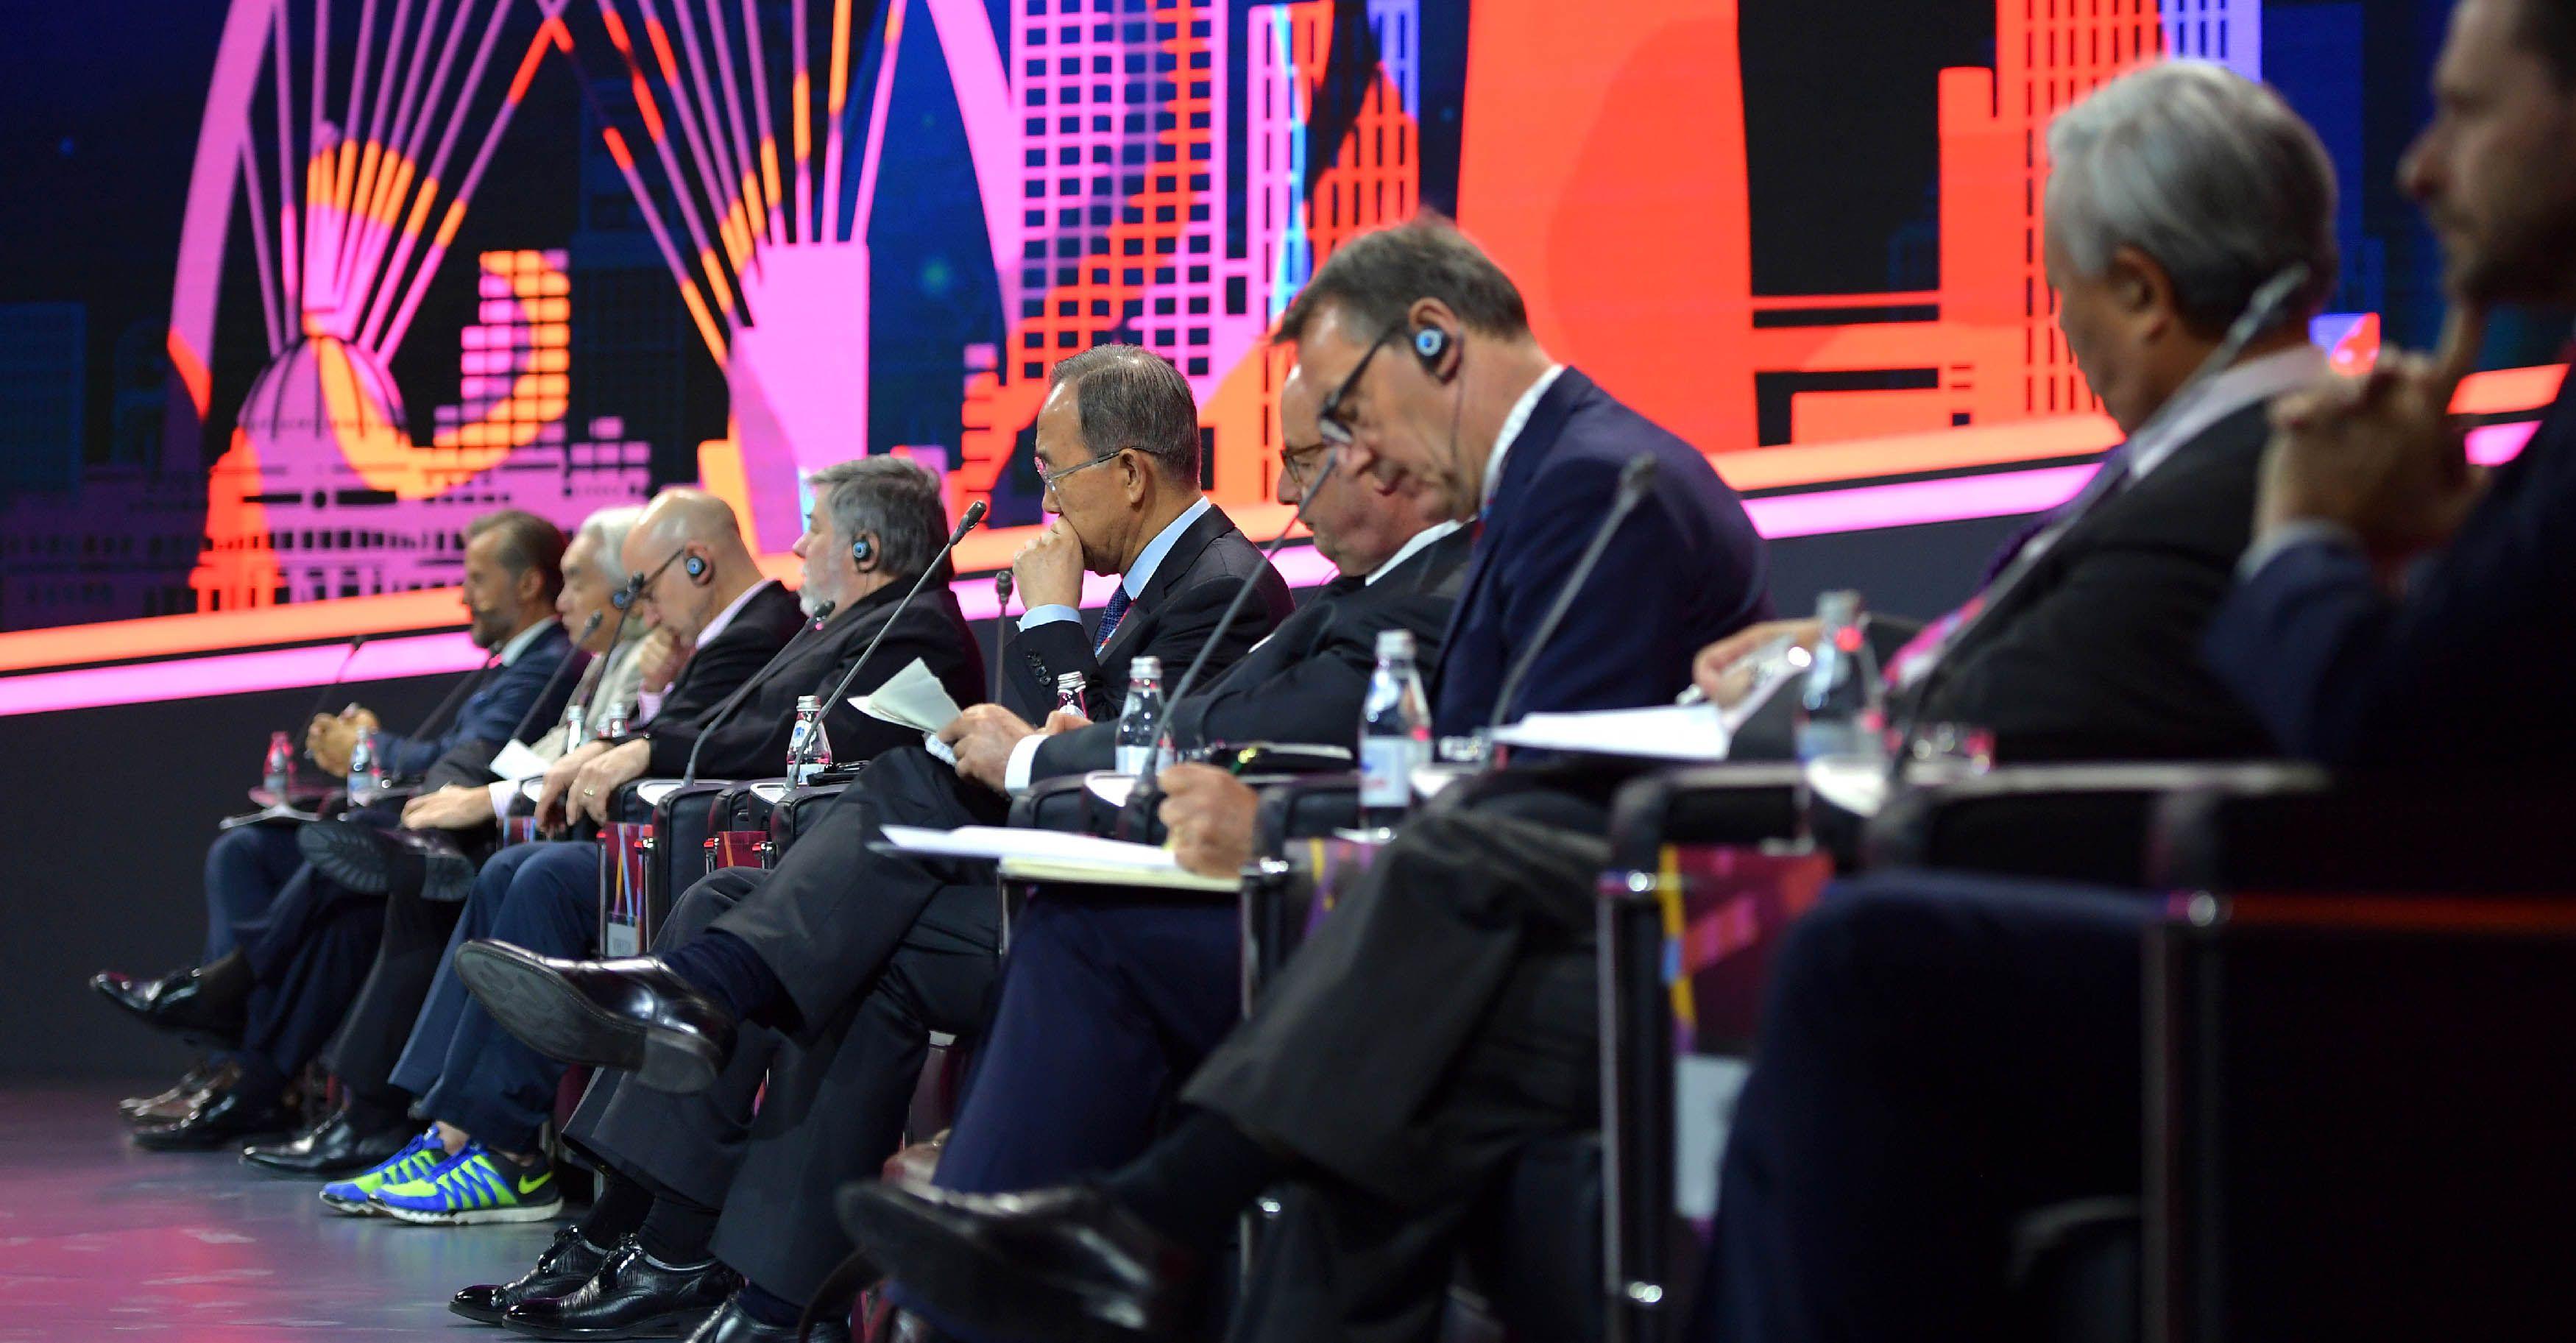 Президент предложил разработать общие правила для криптовалют- Kapital.kz